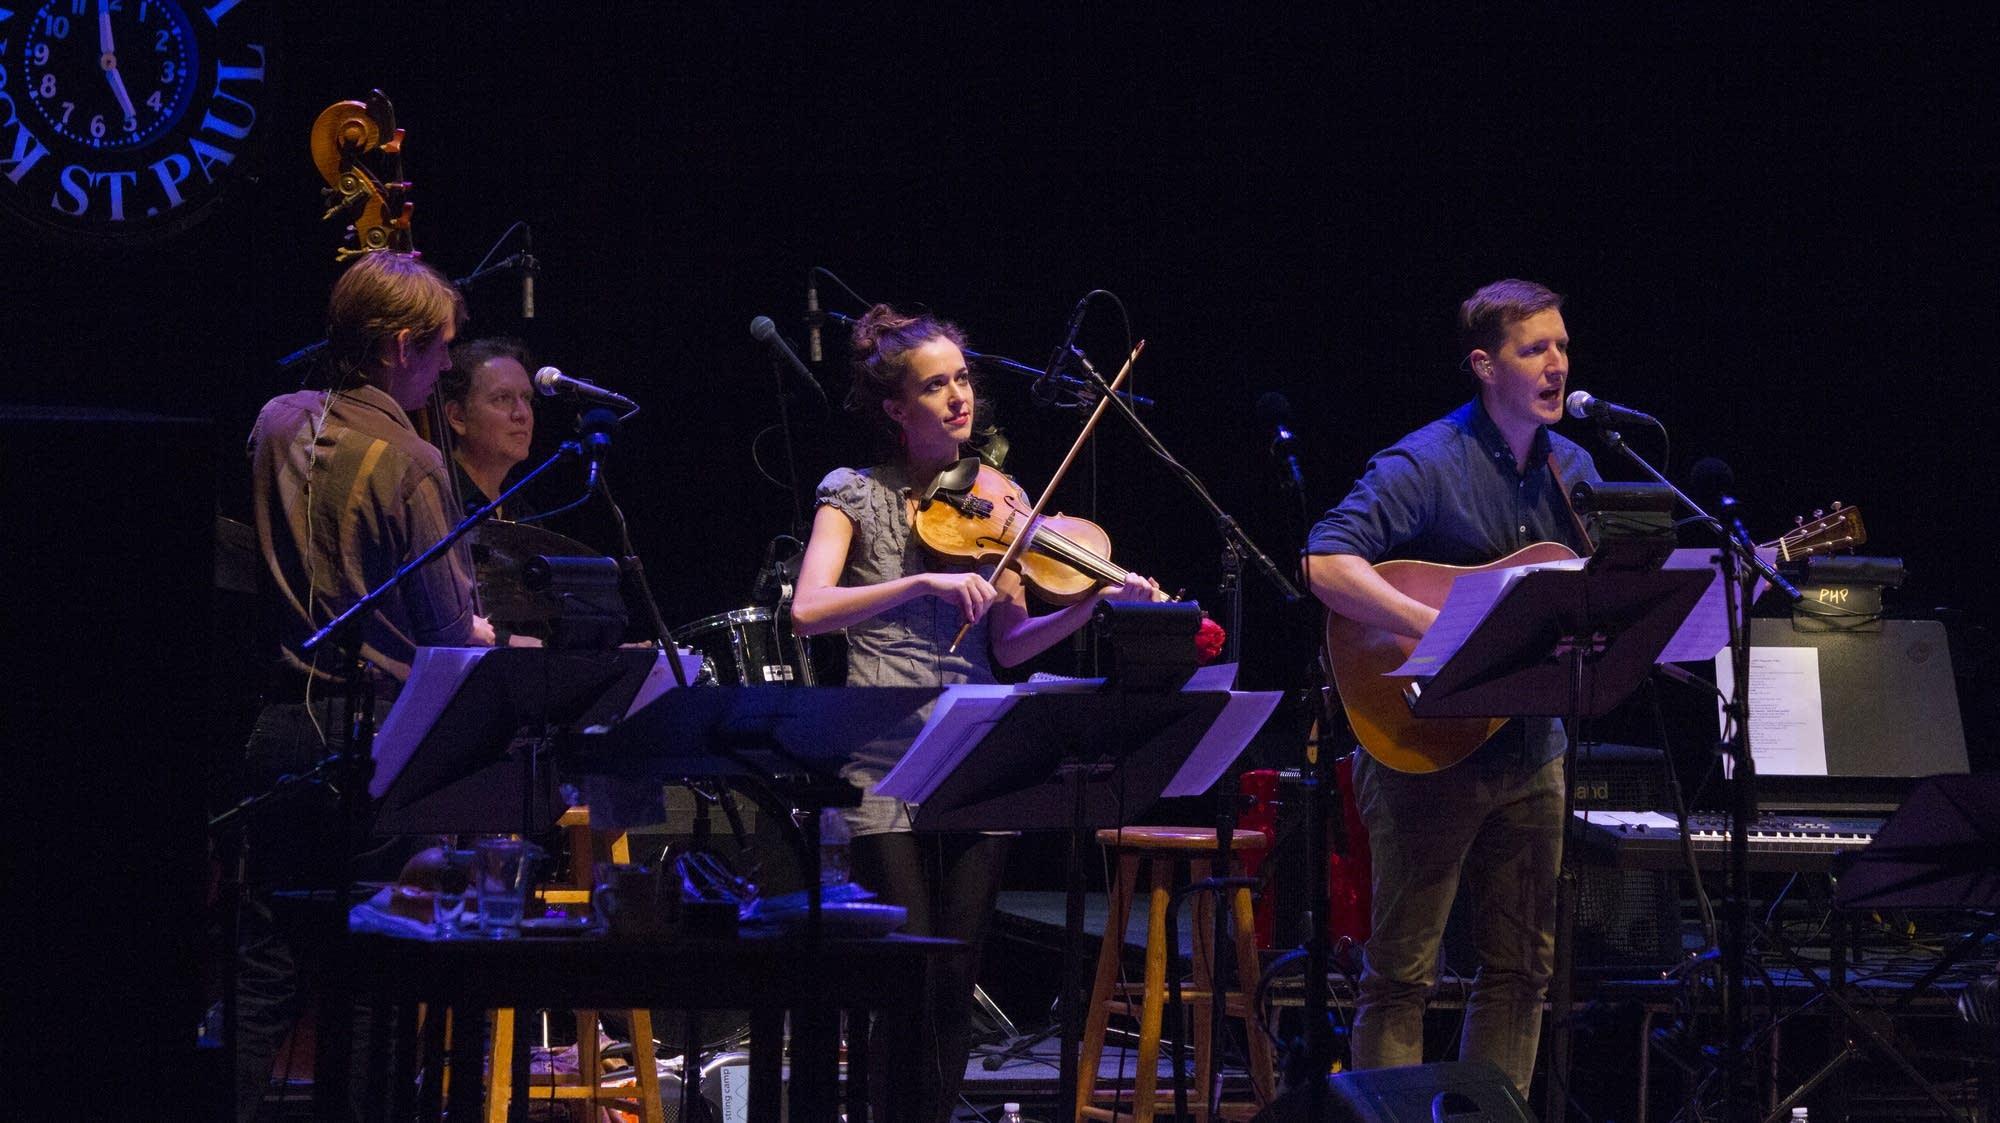 The band: Paul Kowert, Matt Chamberlain, Brittany Haas, and Chris Eldridge.